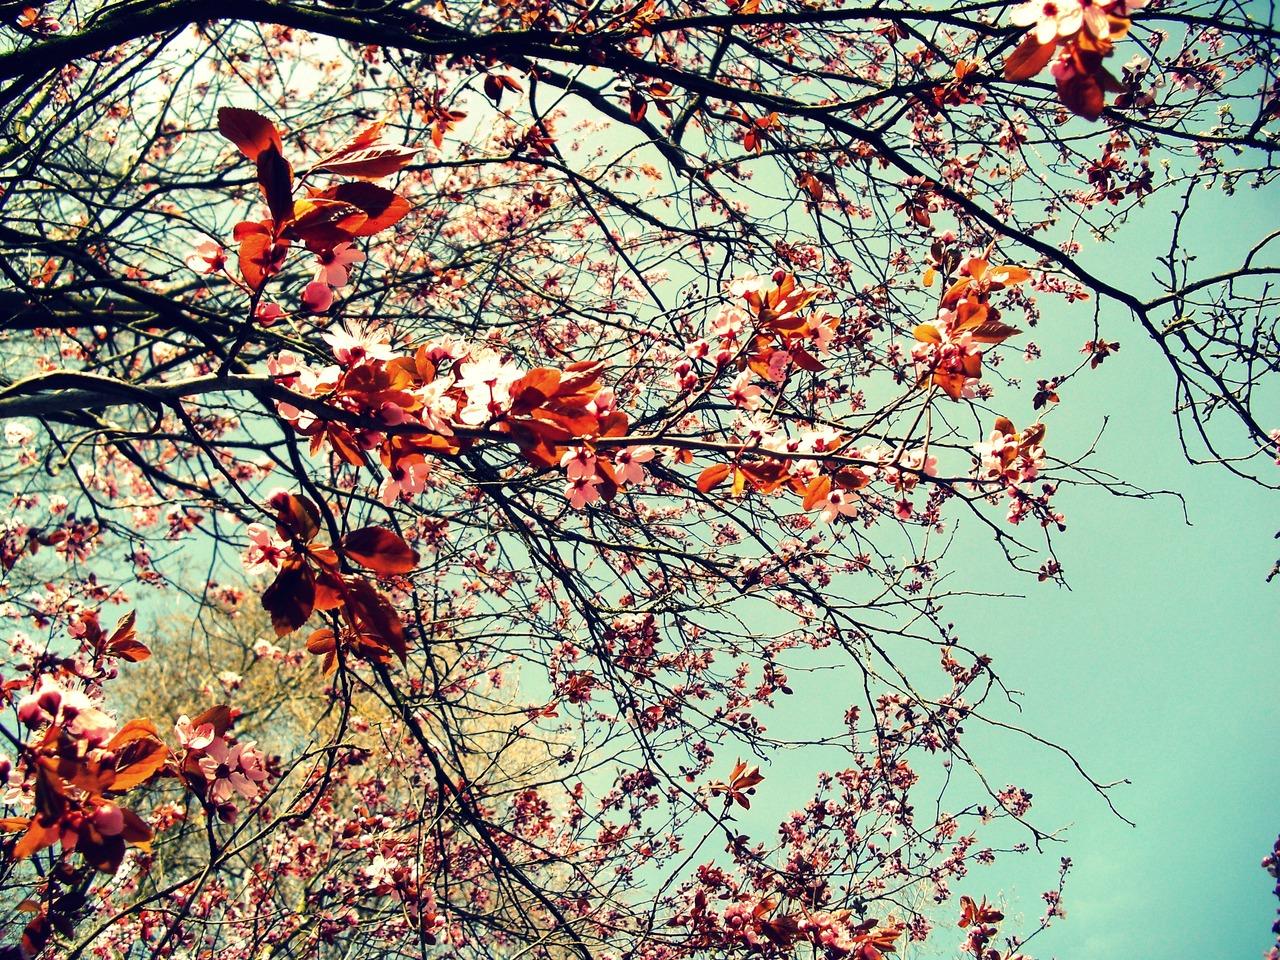 Unduh 56+ Background Tumblr Vintage HD Paling Keren